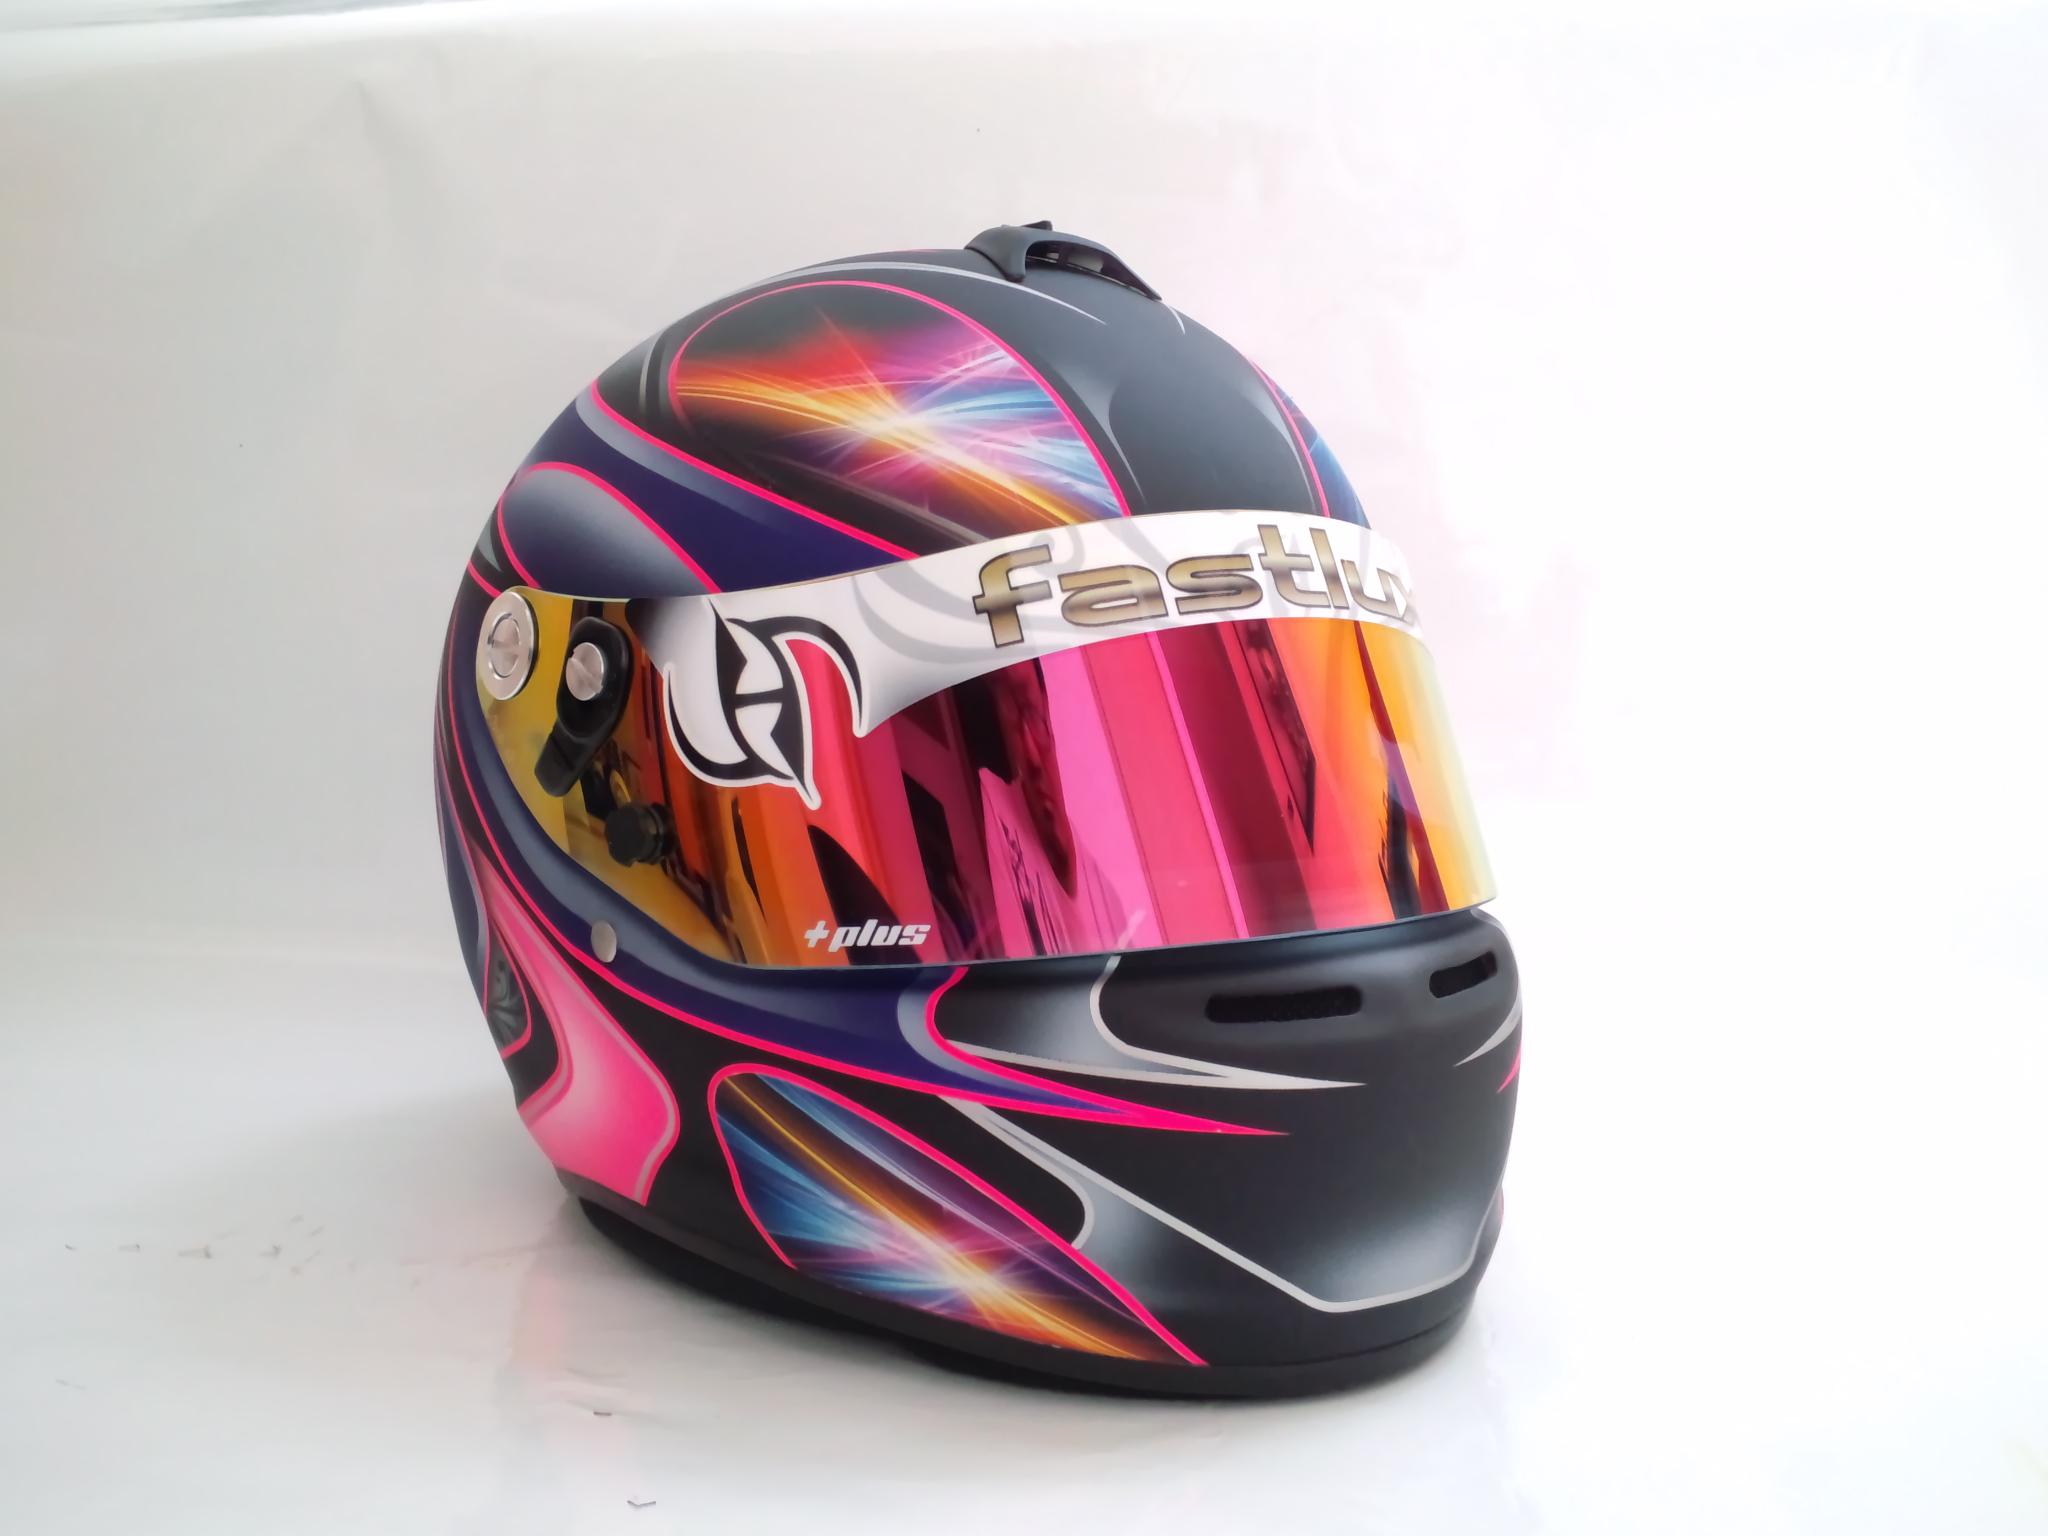 ヘルメット オリジナルペイント Amp デコ 販売用 特別価格¥167 400(税込、送料無料) ファストルックス